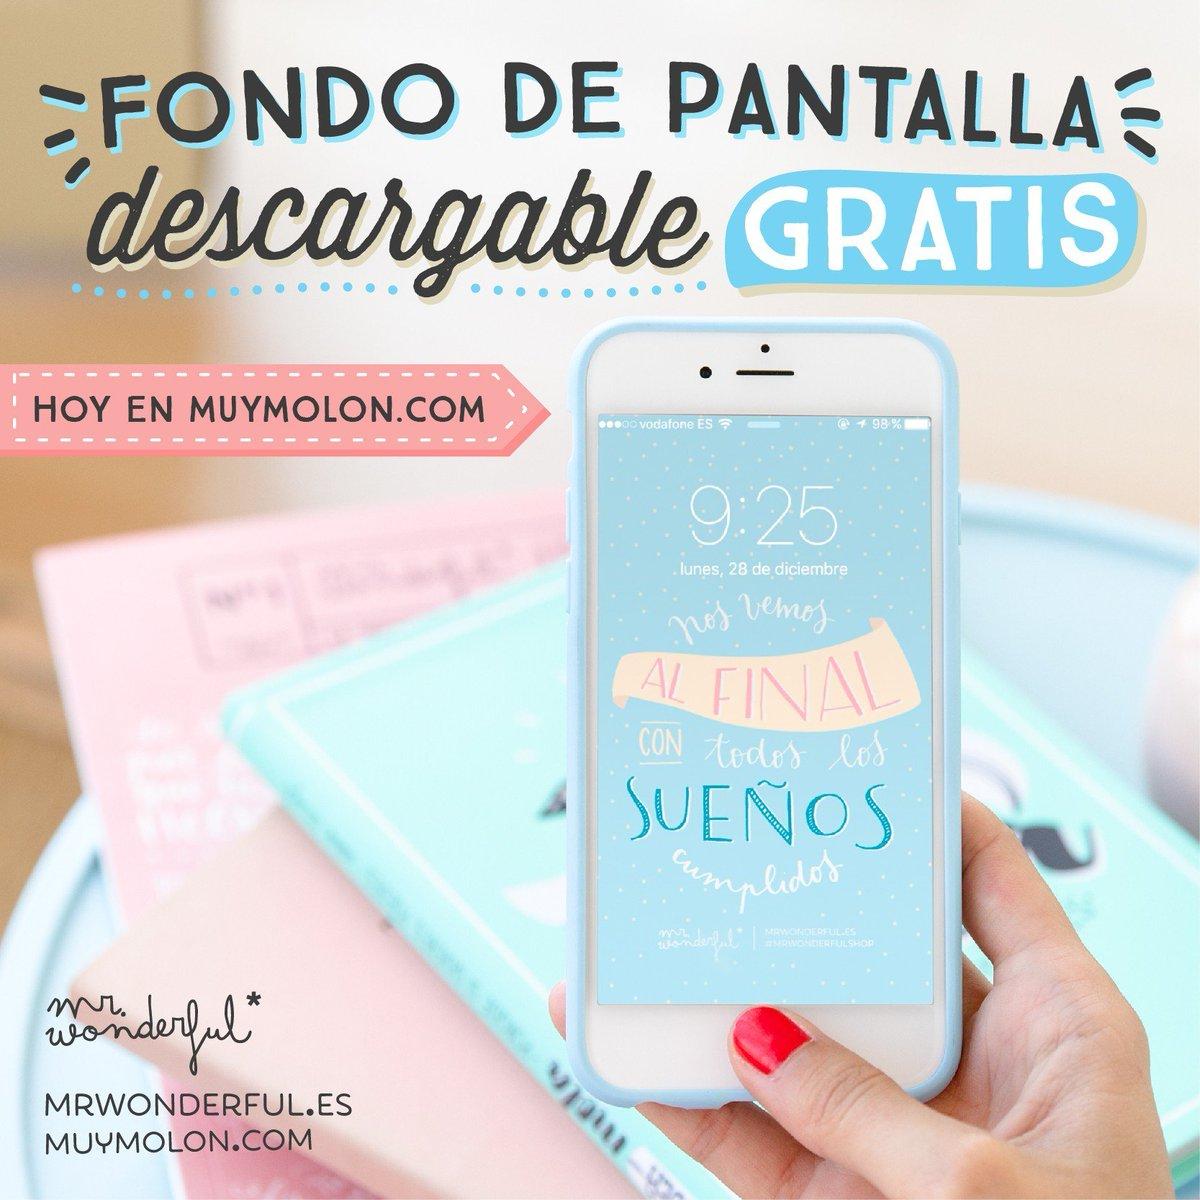 Mr Wonderful On Twitter Nuevo Fondo De Pantalla Para Que Al